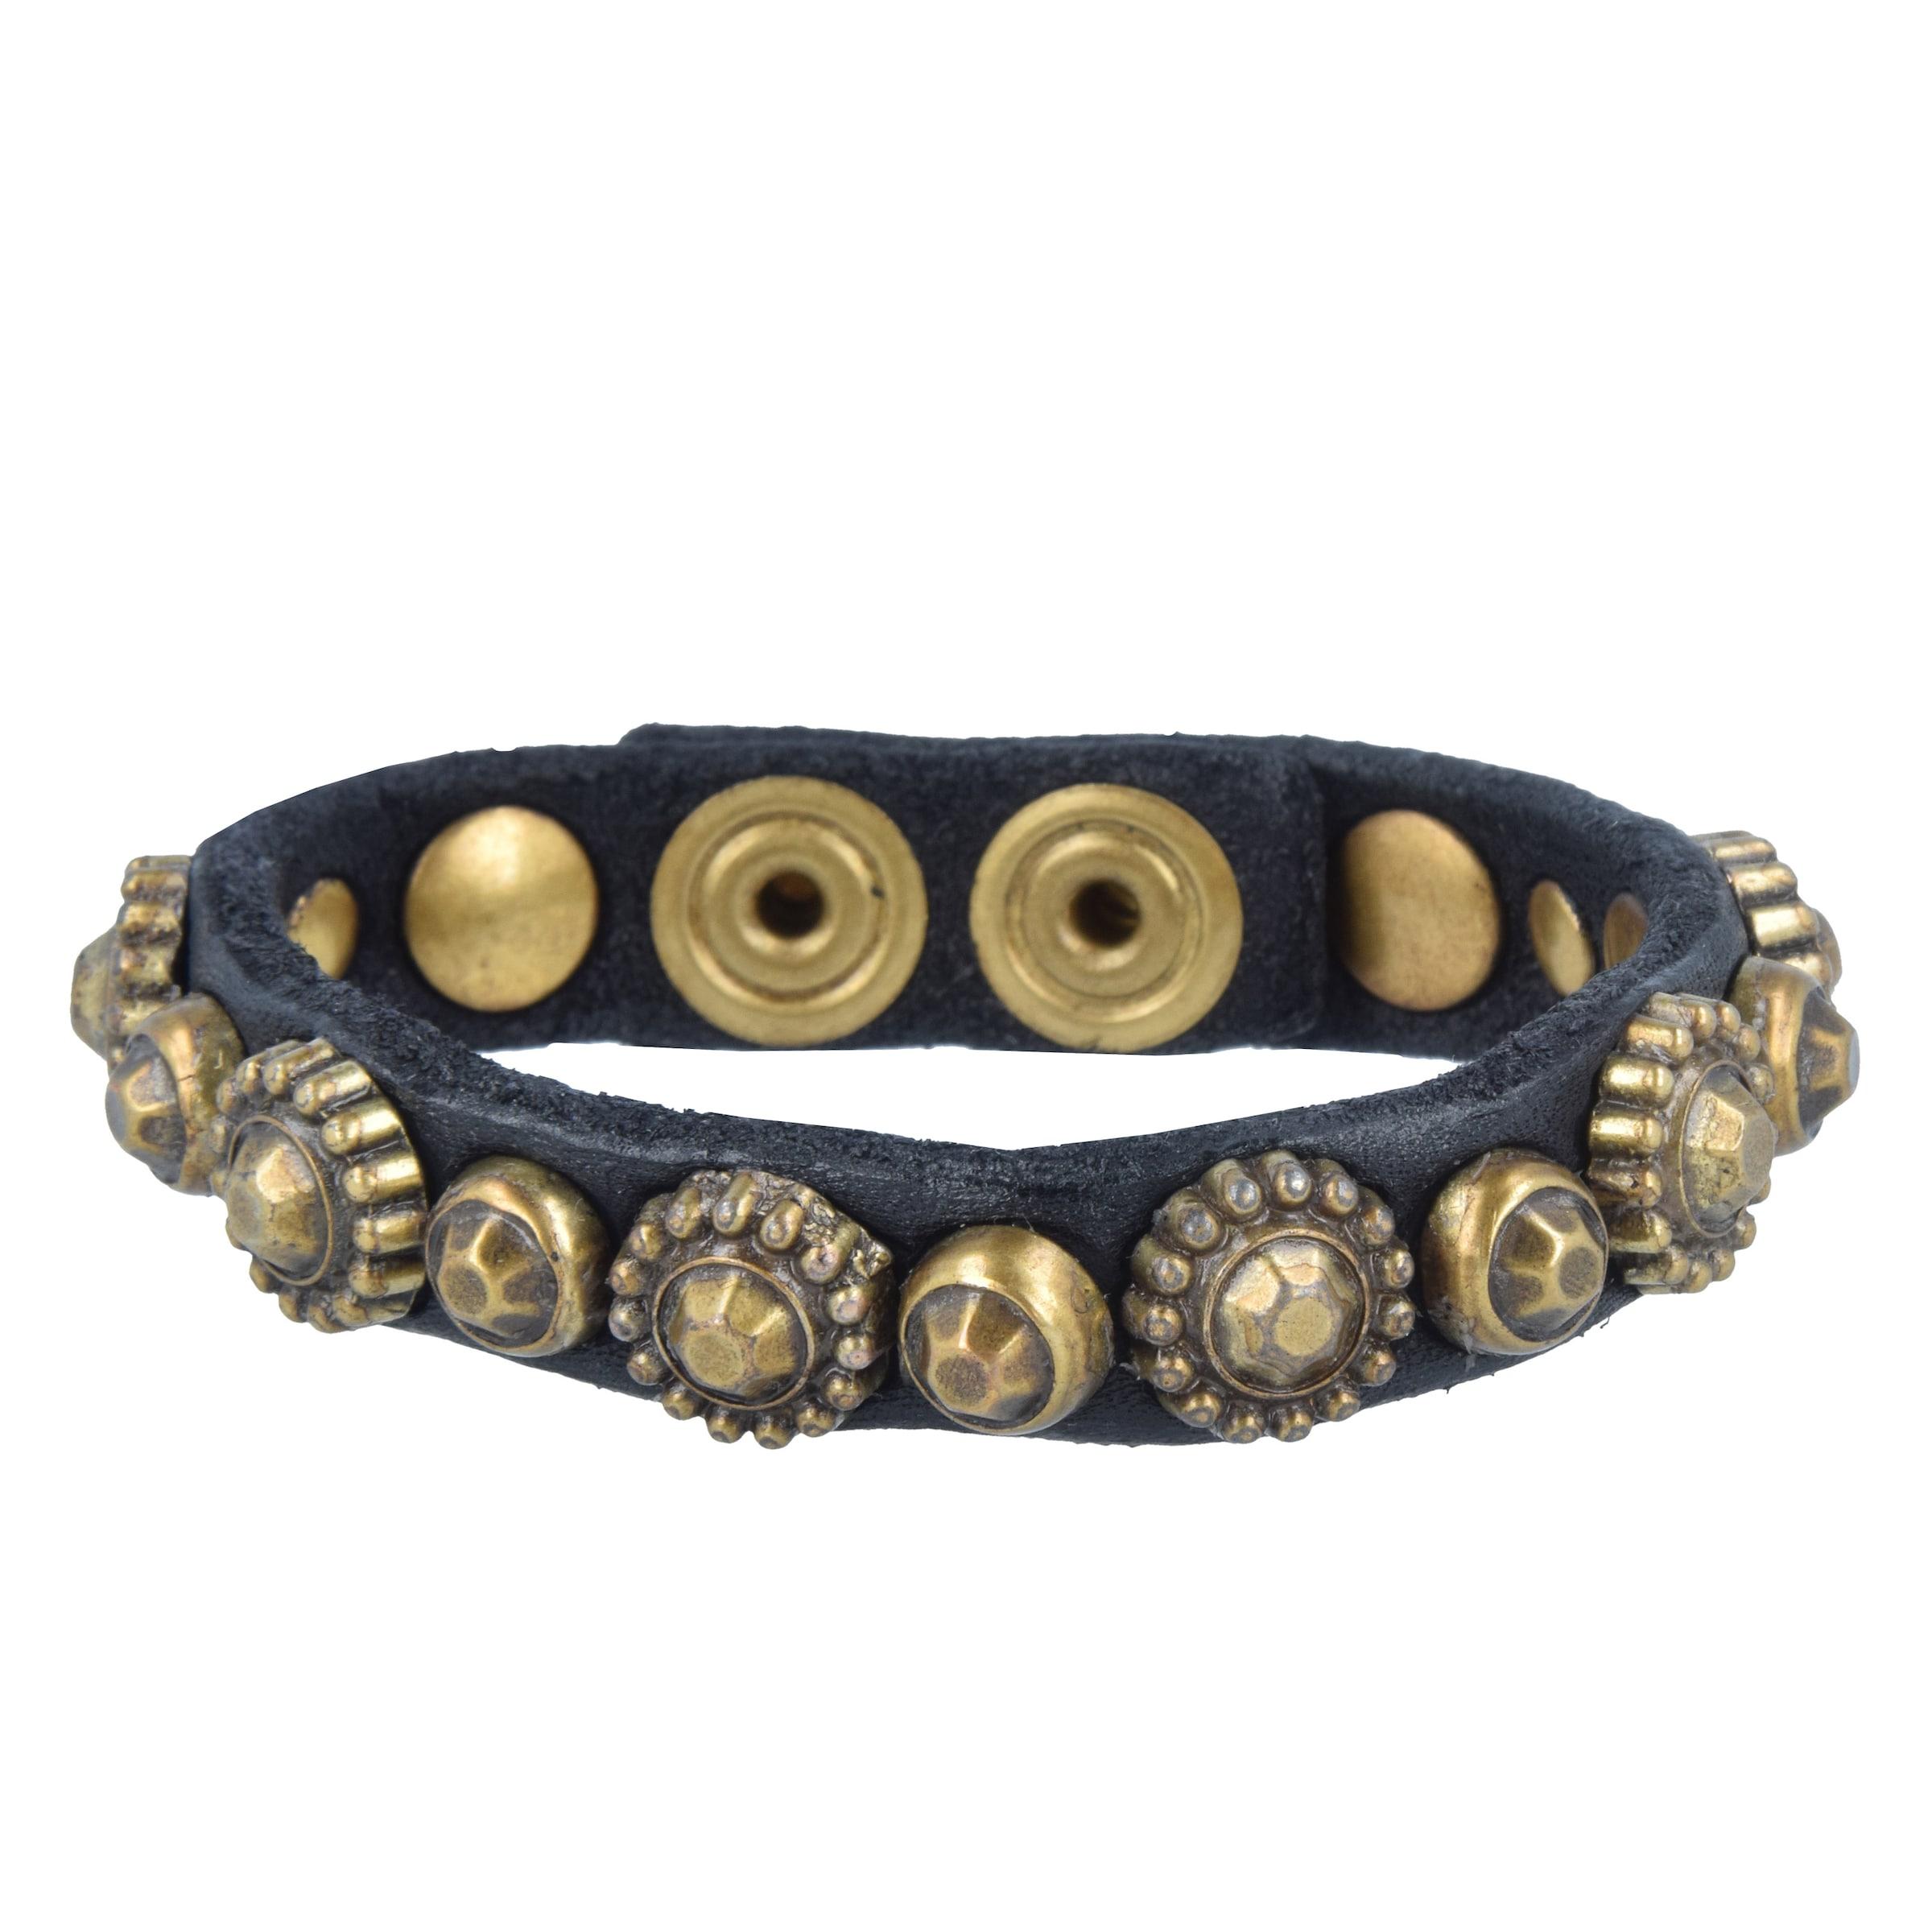 Bracelet Bracelet En OrNoir Campomaggi OrNoir En En Campomaggi Campomaggi Bracelet SUqVpGLzM